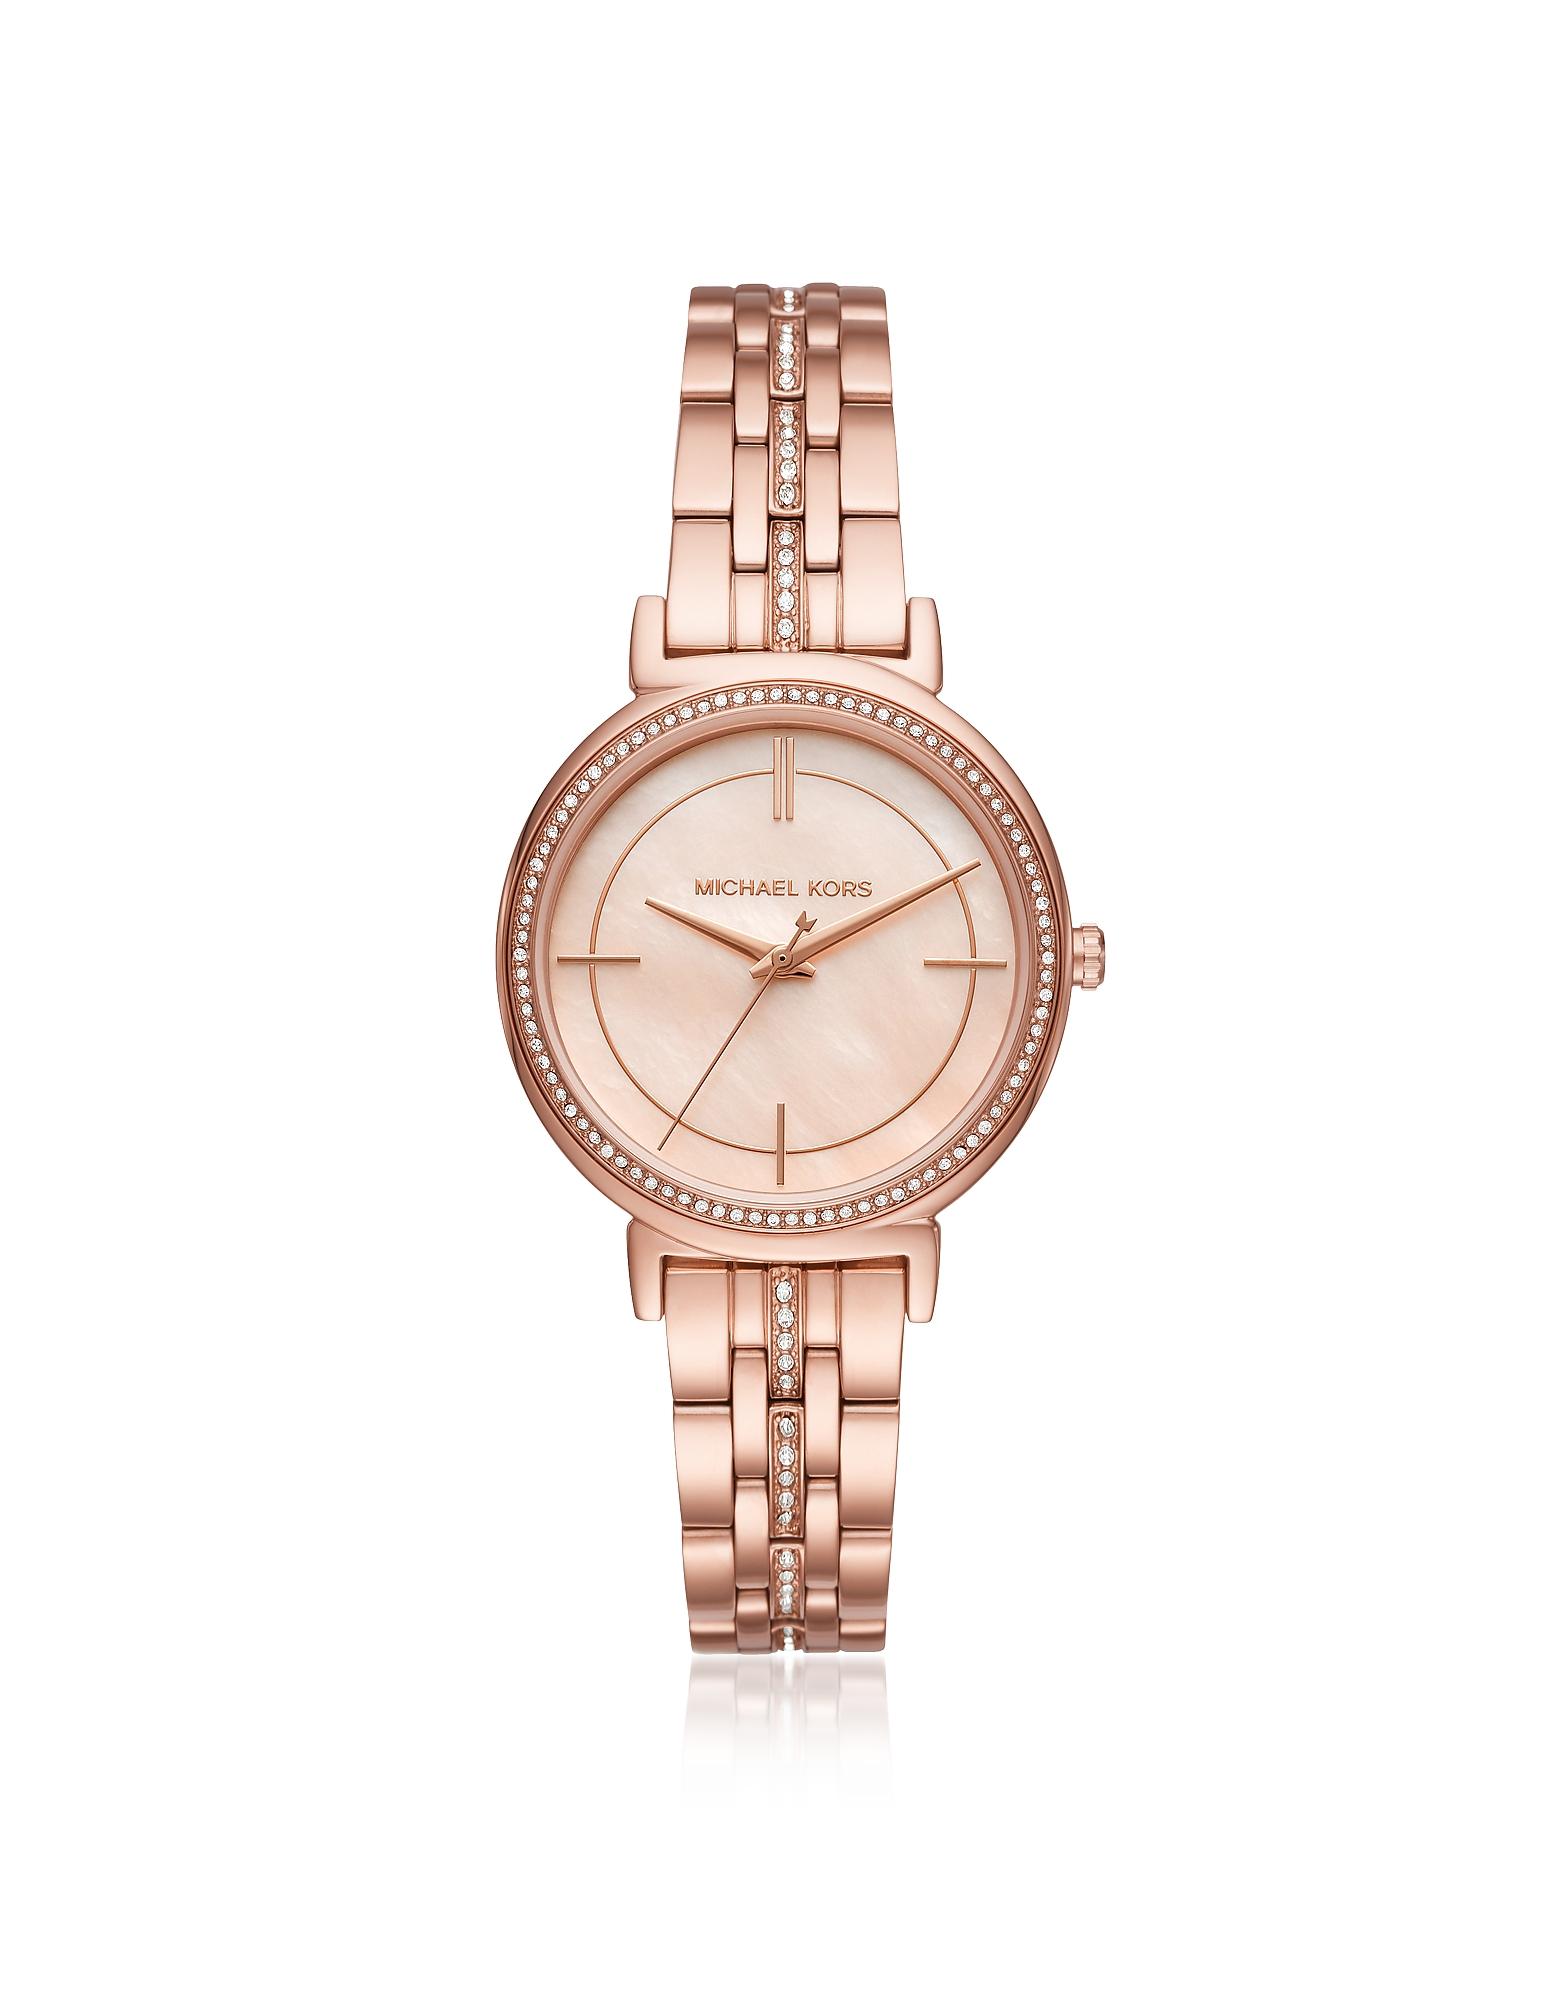 Michael Kors Women's Watches, Cinthia Rose Gold-Tone Women's Watch